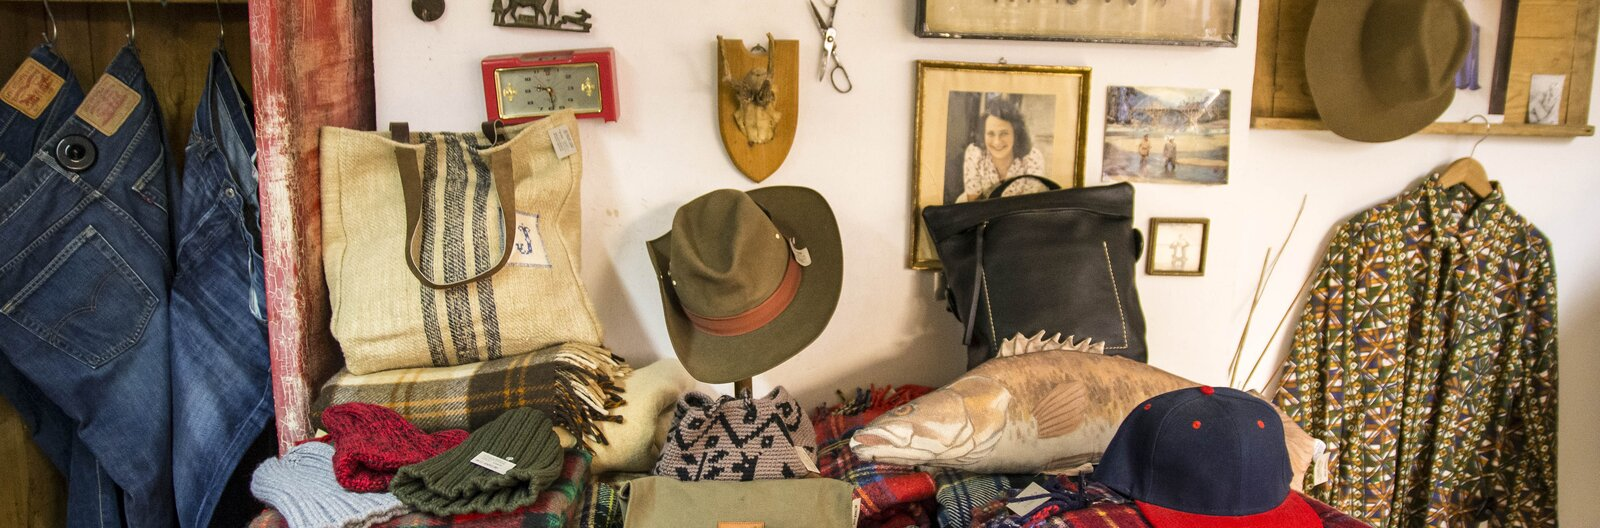 Budapesti használtruhakörkép – a veszkócsizmától a vintage kesztyűkig